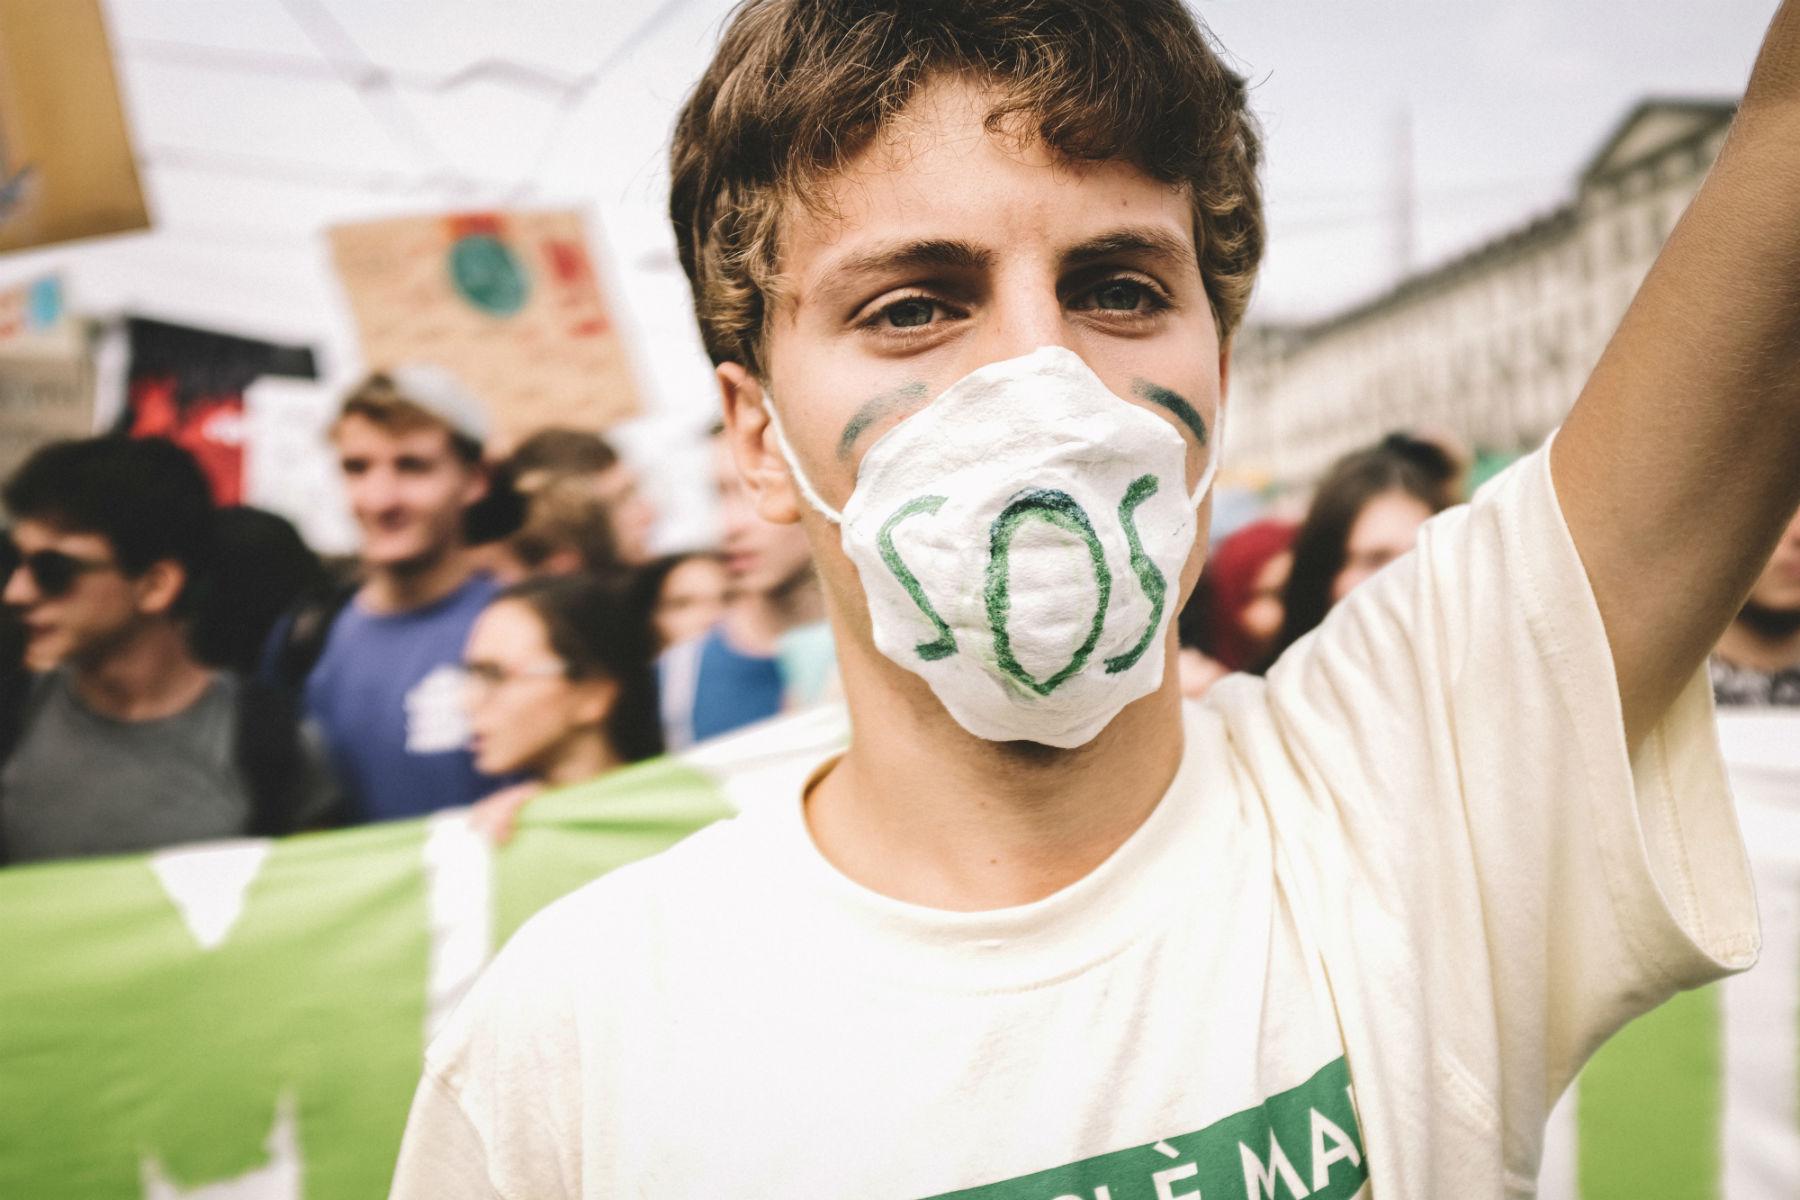 Włochy są pierwszym krajem, którywprowadzi obowiązkowe lekcje ozmianach klimatycznych